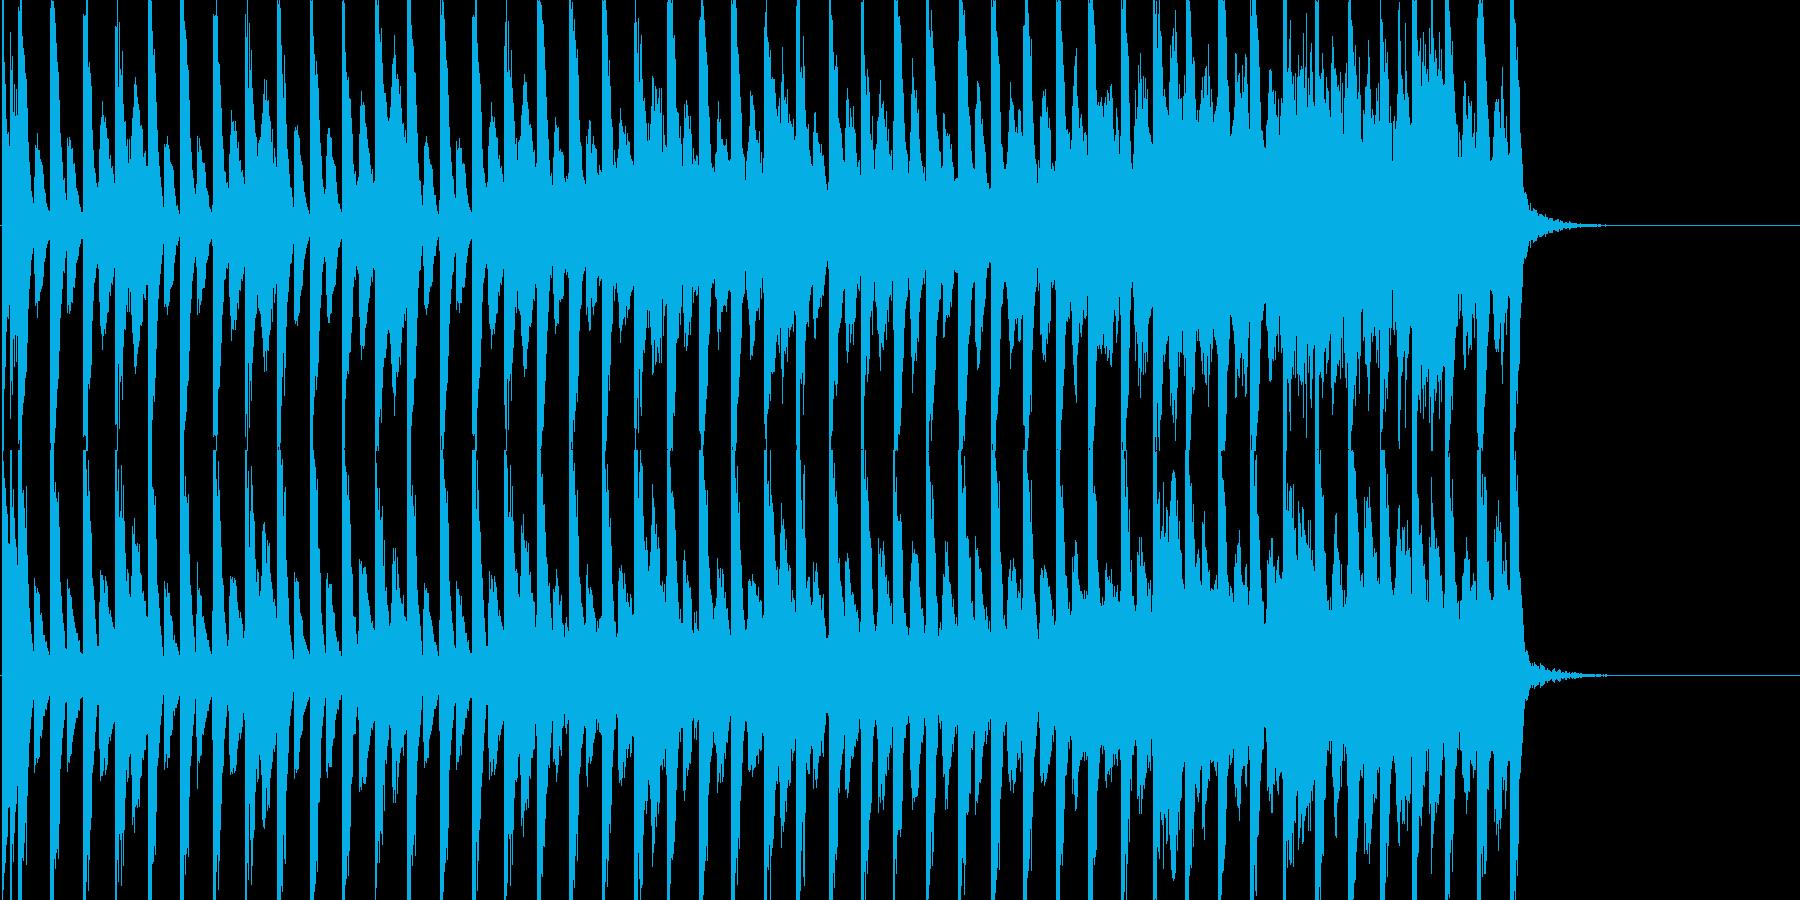 気軽にくつろいだ感じの曲の再生済みの波形